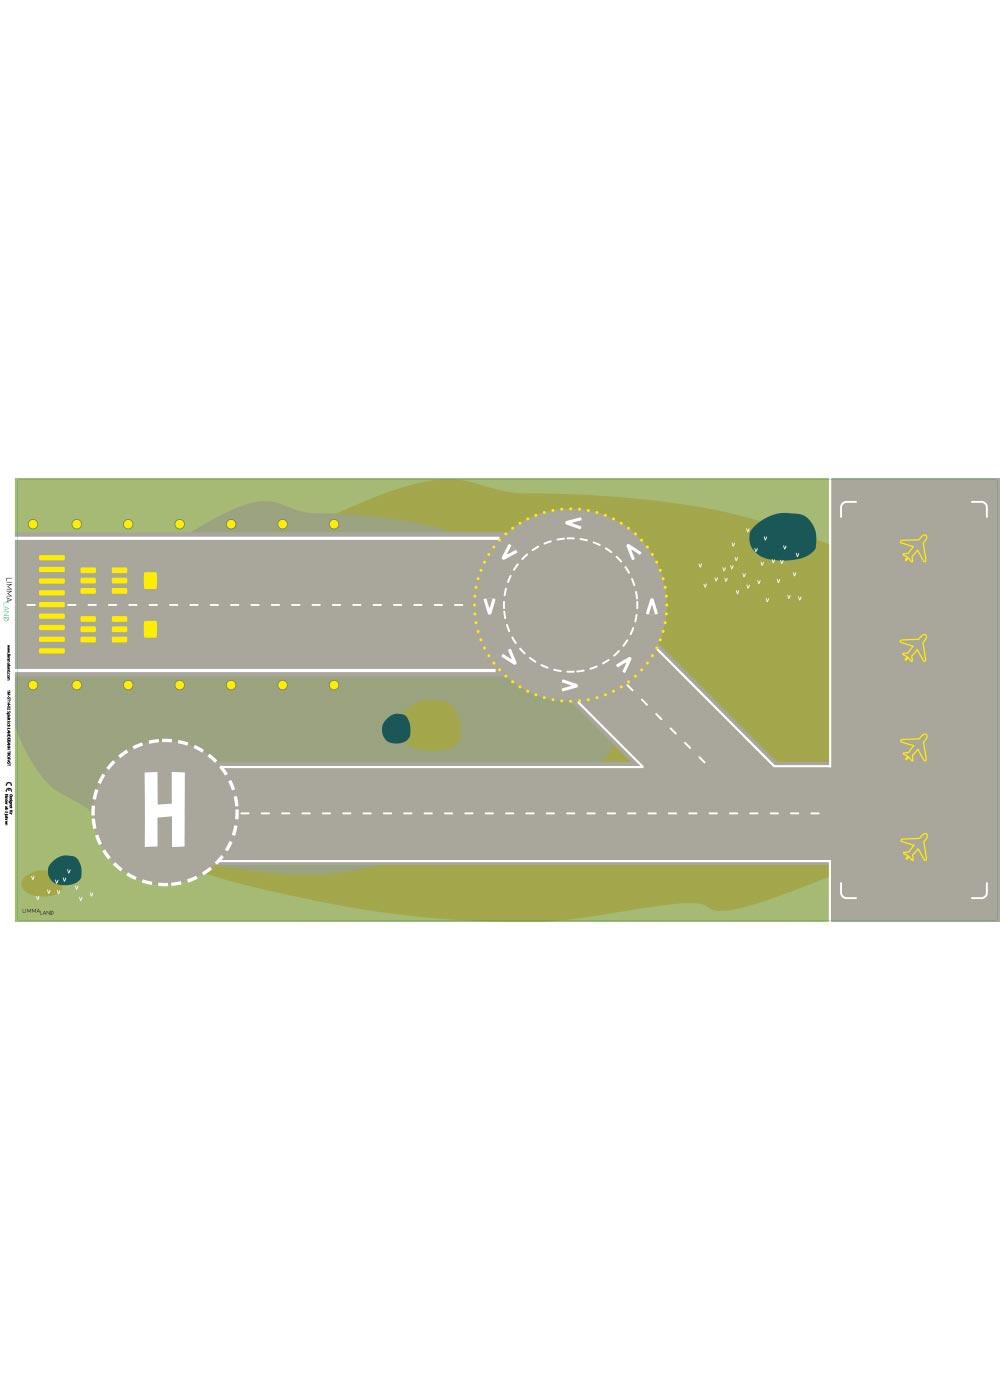 Ikea Trofast Regal Landebahn Druckvorlage